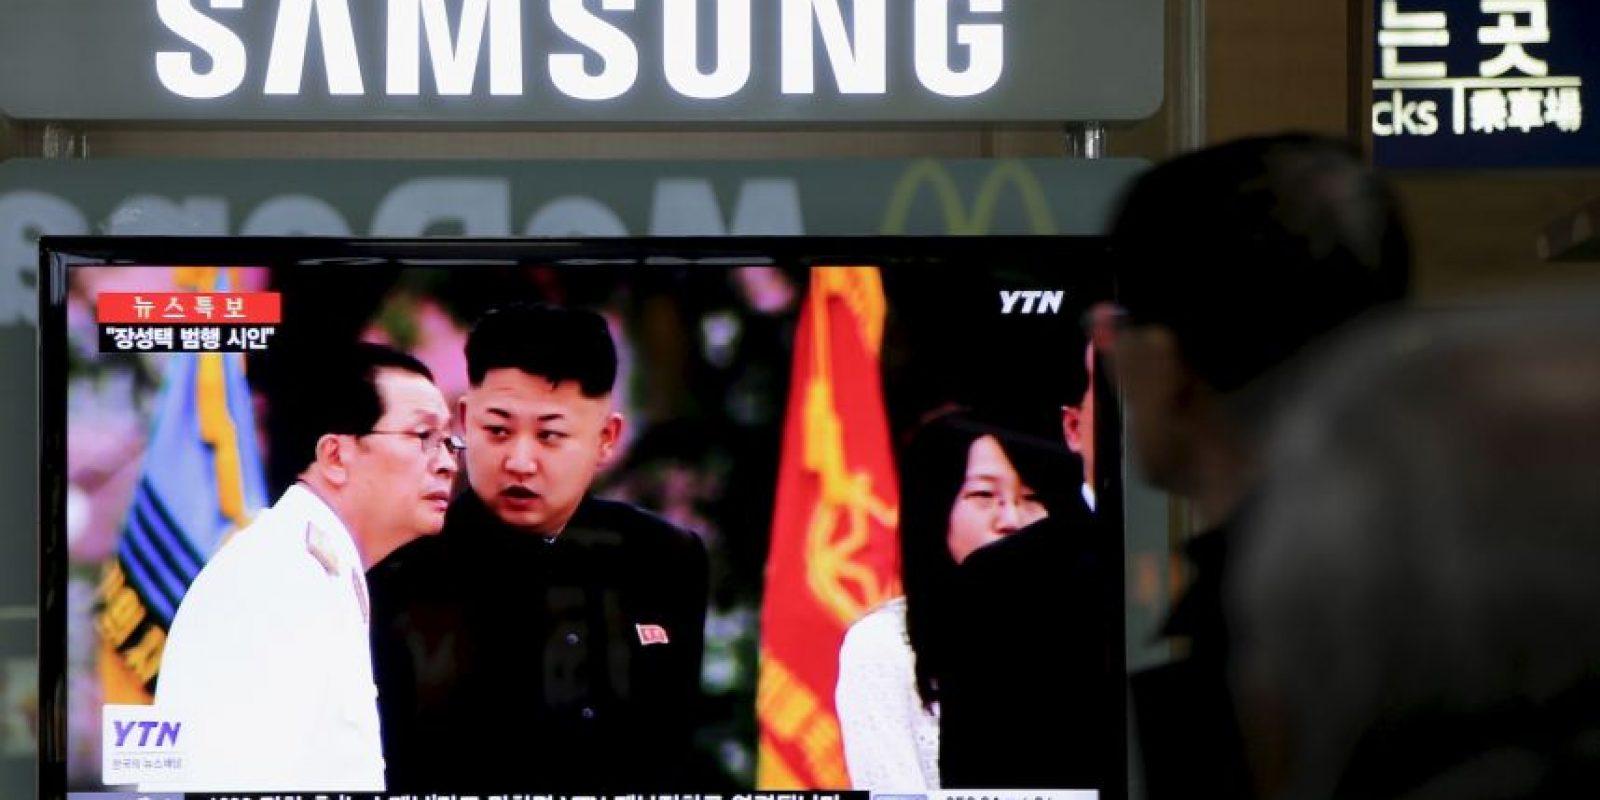 El 29 de abril pasado se dio a conocer que Jong-un habria asesinado a dos viceministros y 13 altos funcionarios de su régimen Foto:Getty images